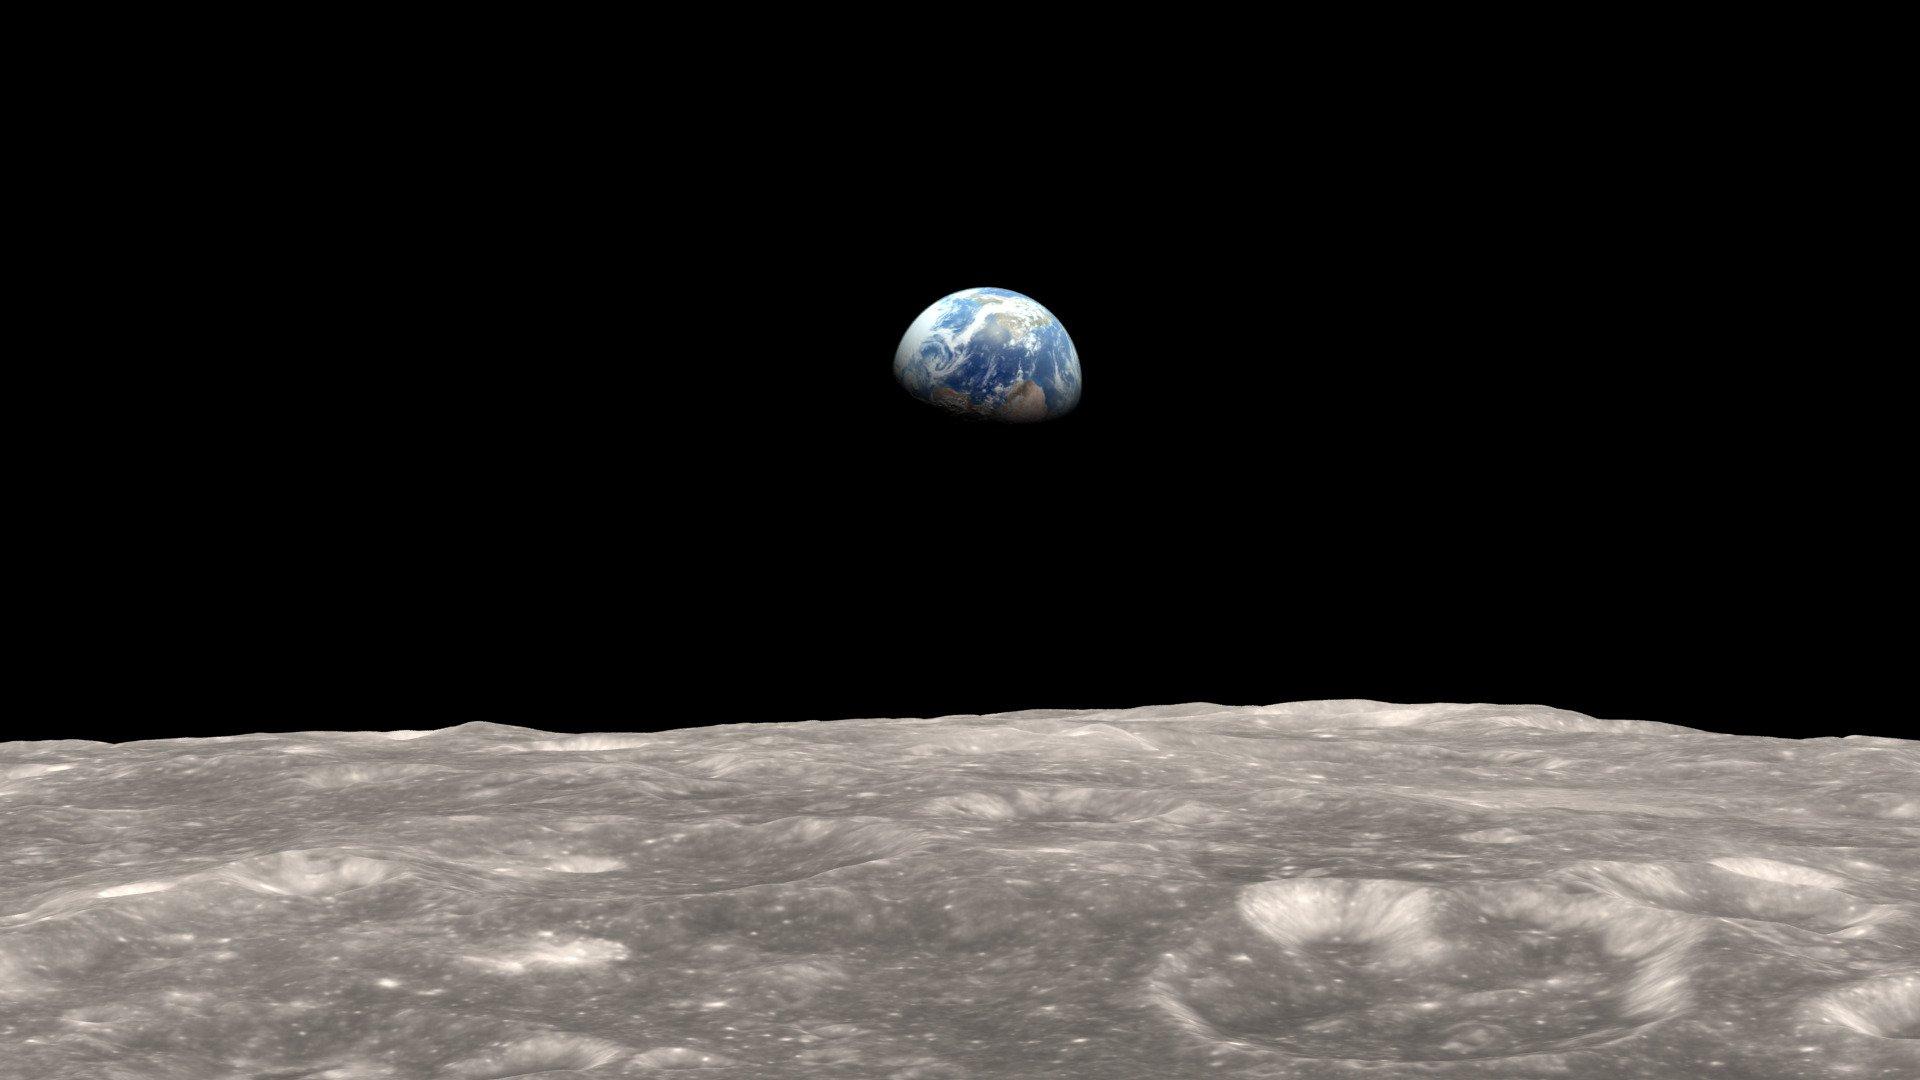 En 2027, La Tierra Contará Con Una Segunda Luna Temporal